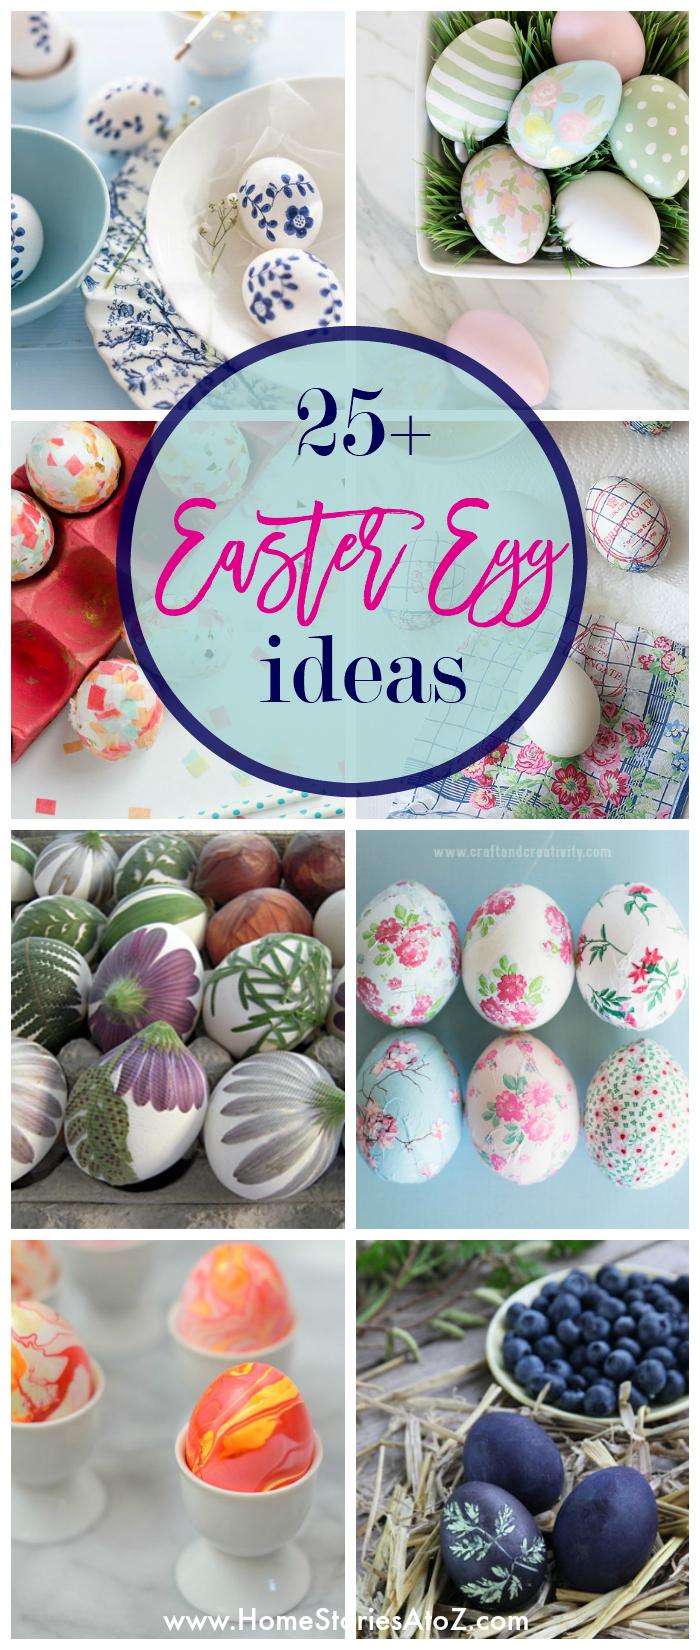 25 Unique French Nail Art Ideas On Pinterest: 25 Unique Easter Egg Ideas